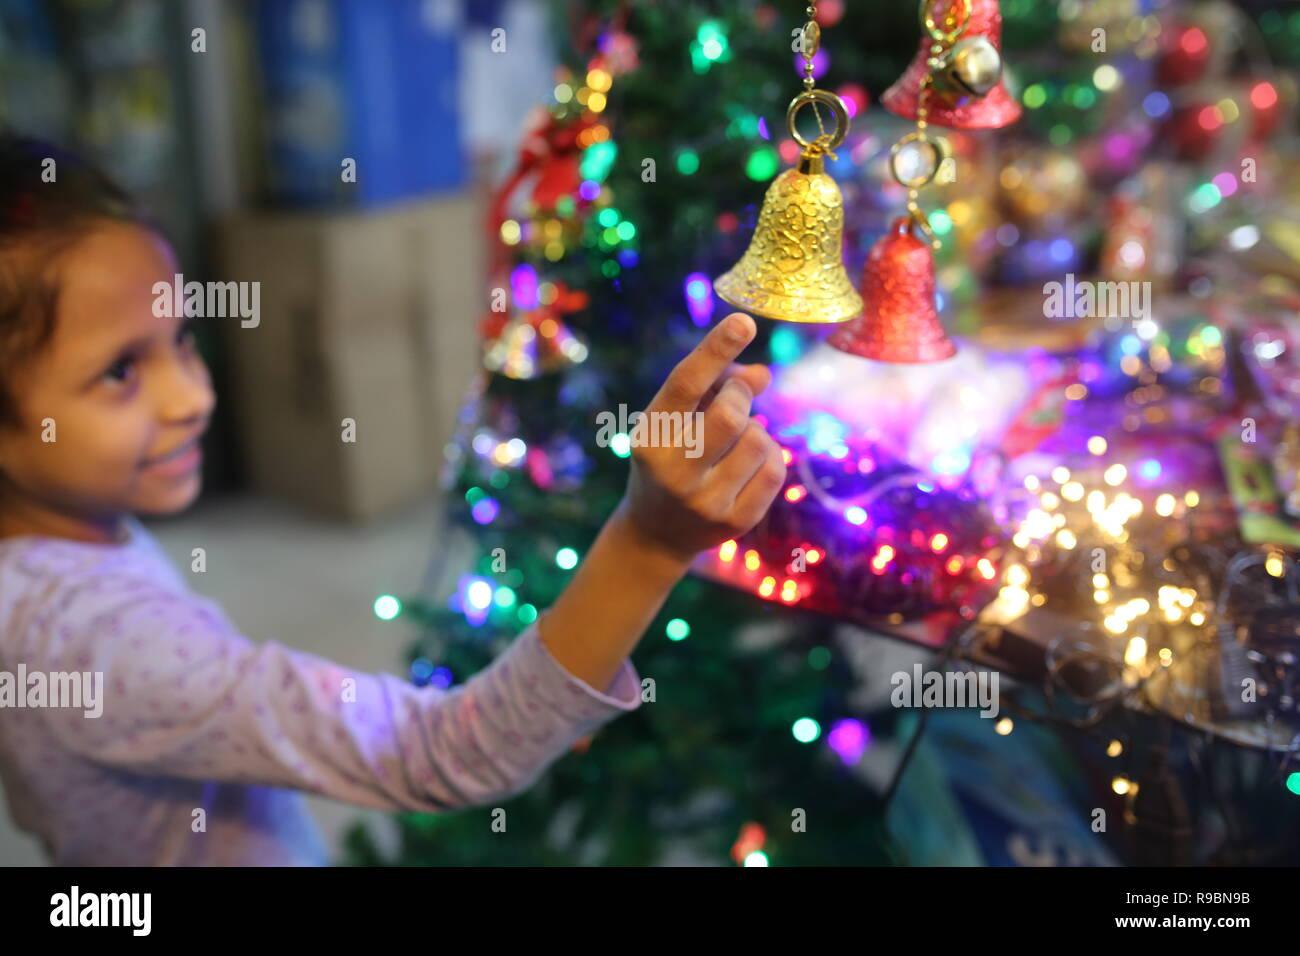 Vu fille shopping de Noël dans un magasin avant de vacances de Noël à Dhaka, Bangladesh, le 20 décembre 2018. Photo Stock